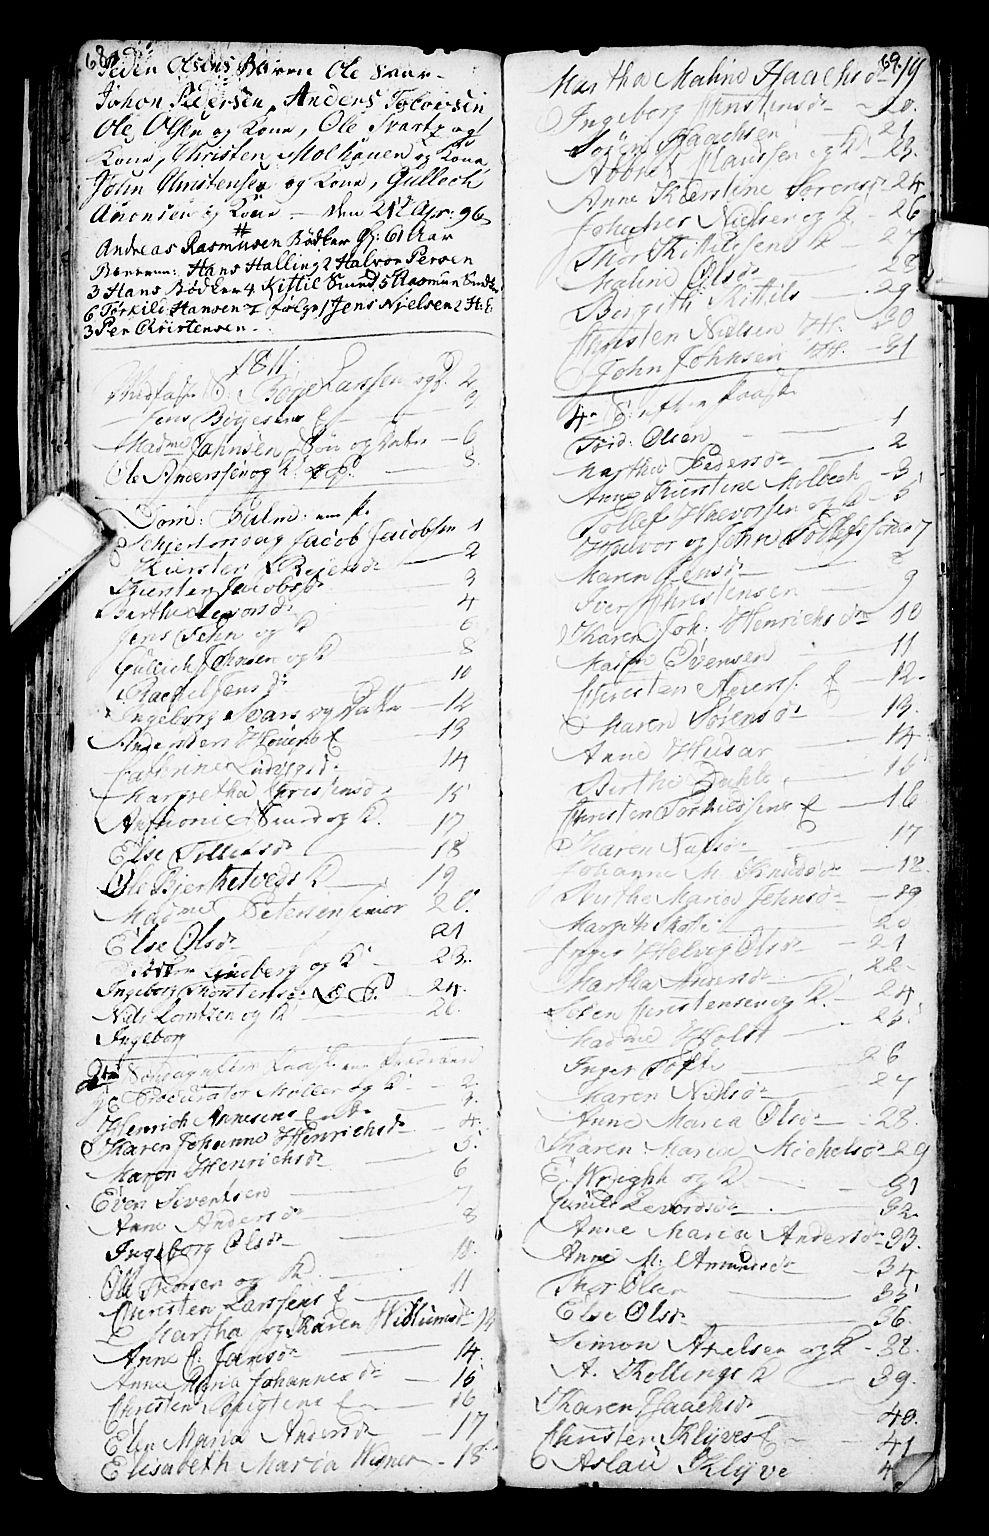 SAKO, Porsgrunn kirkebøker , G/Ga/L0001: Klokkerbok nr. I 1, 1766-1790, s. 68-69